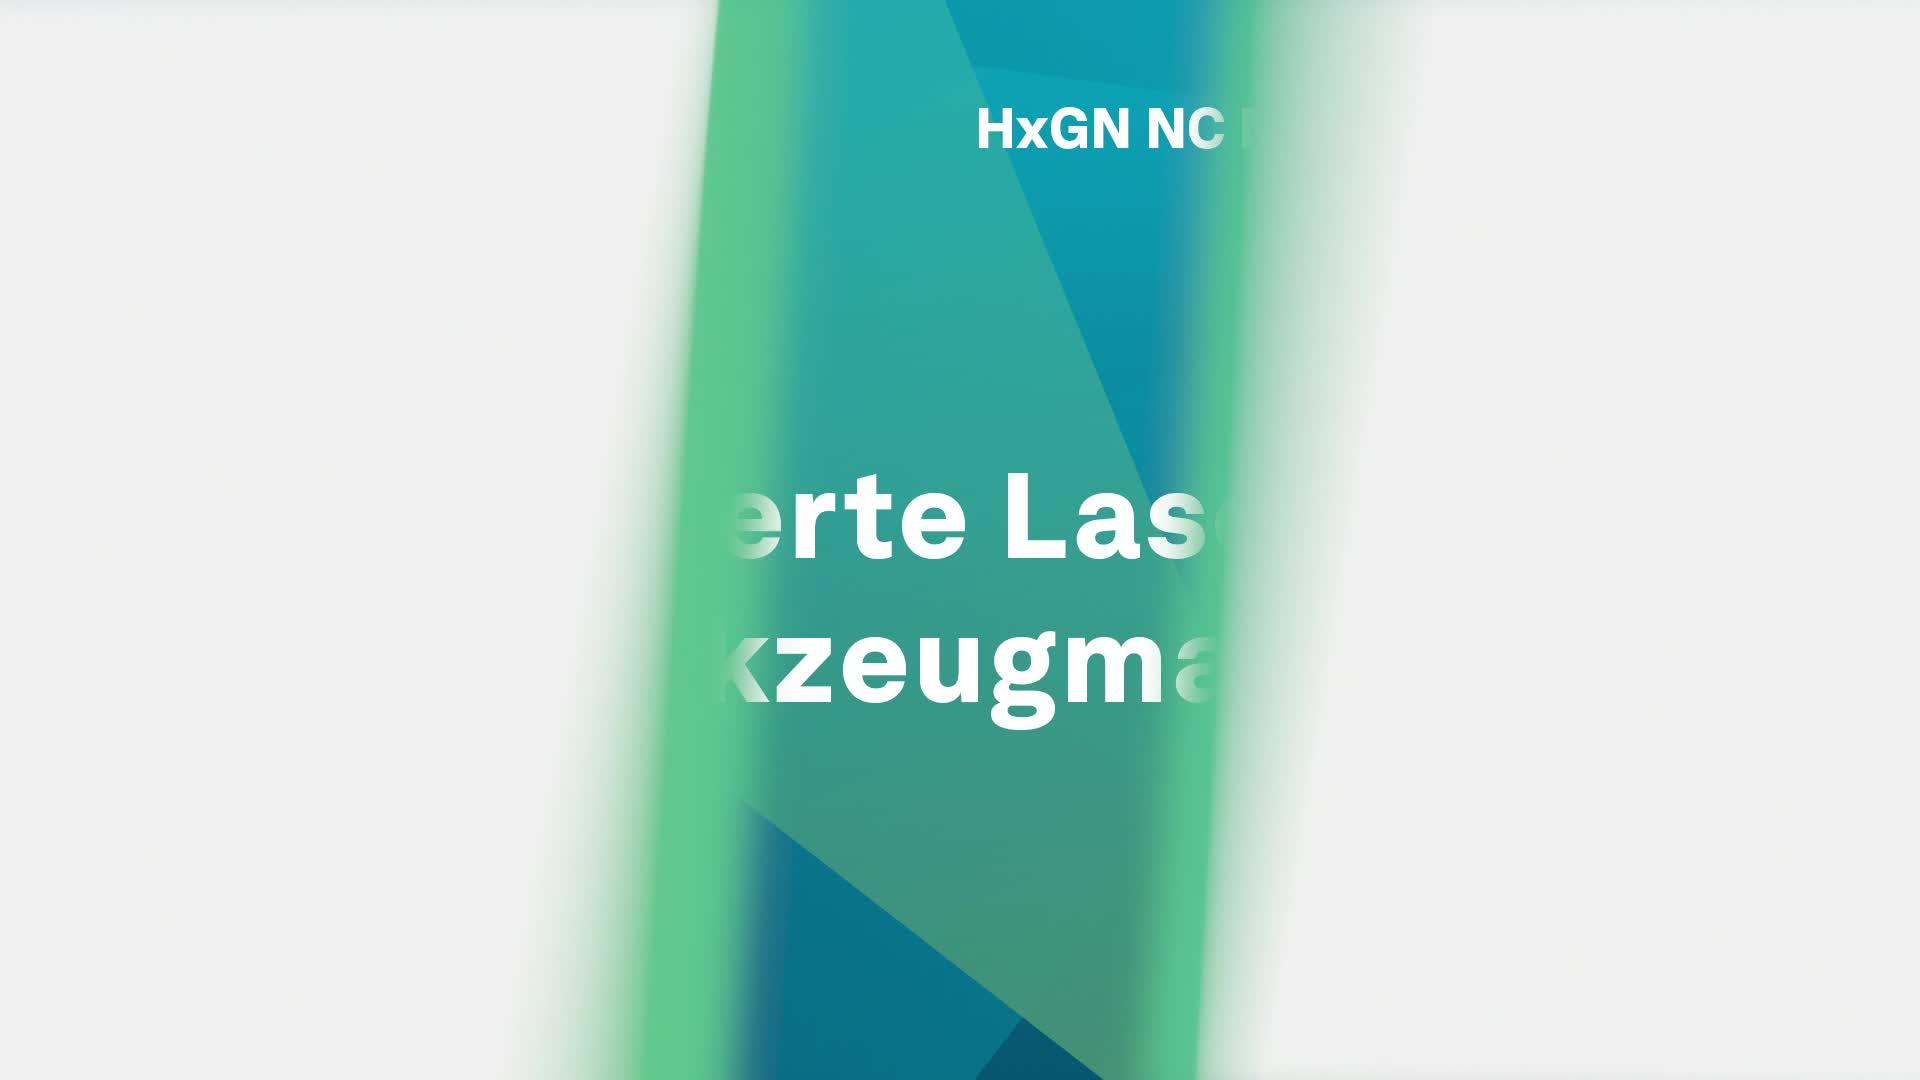 Detaillierte Laserscans mit HxGN NC Measure